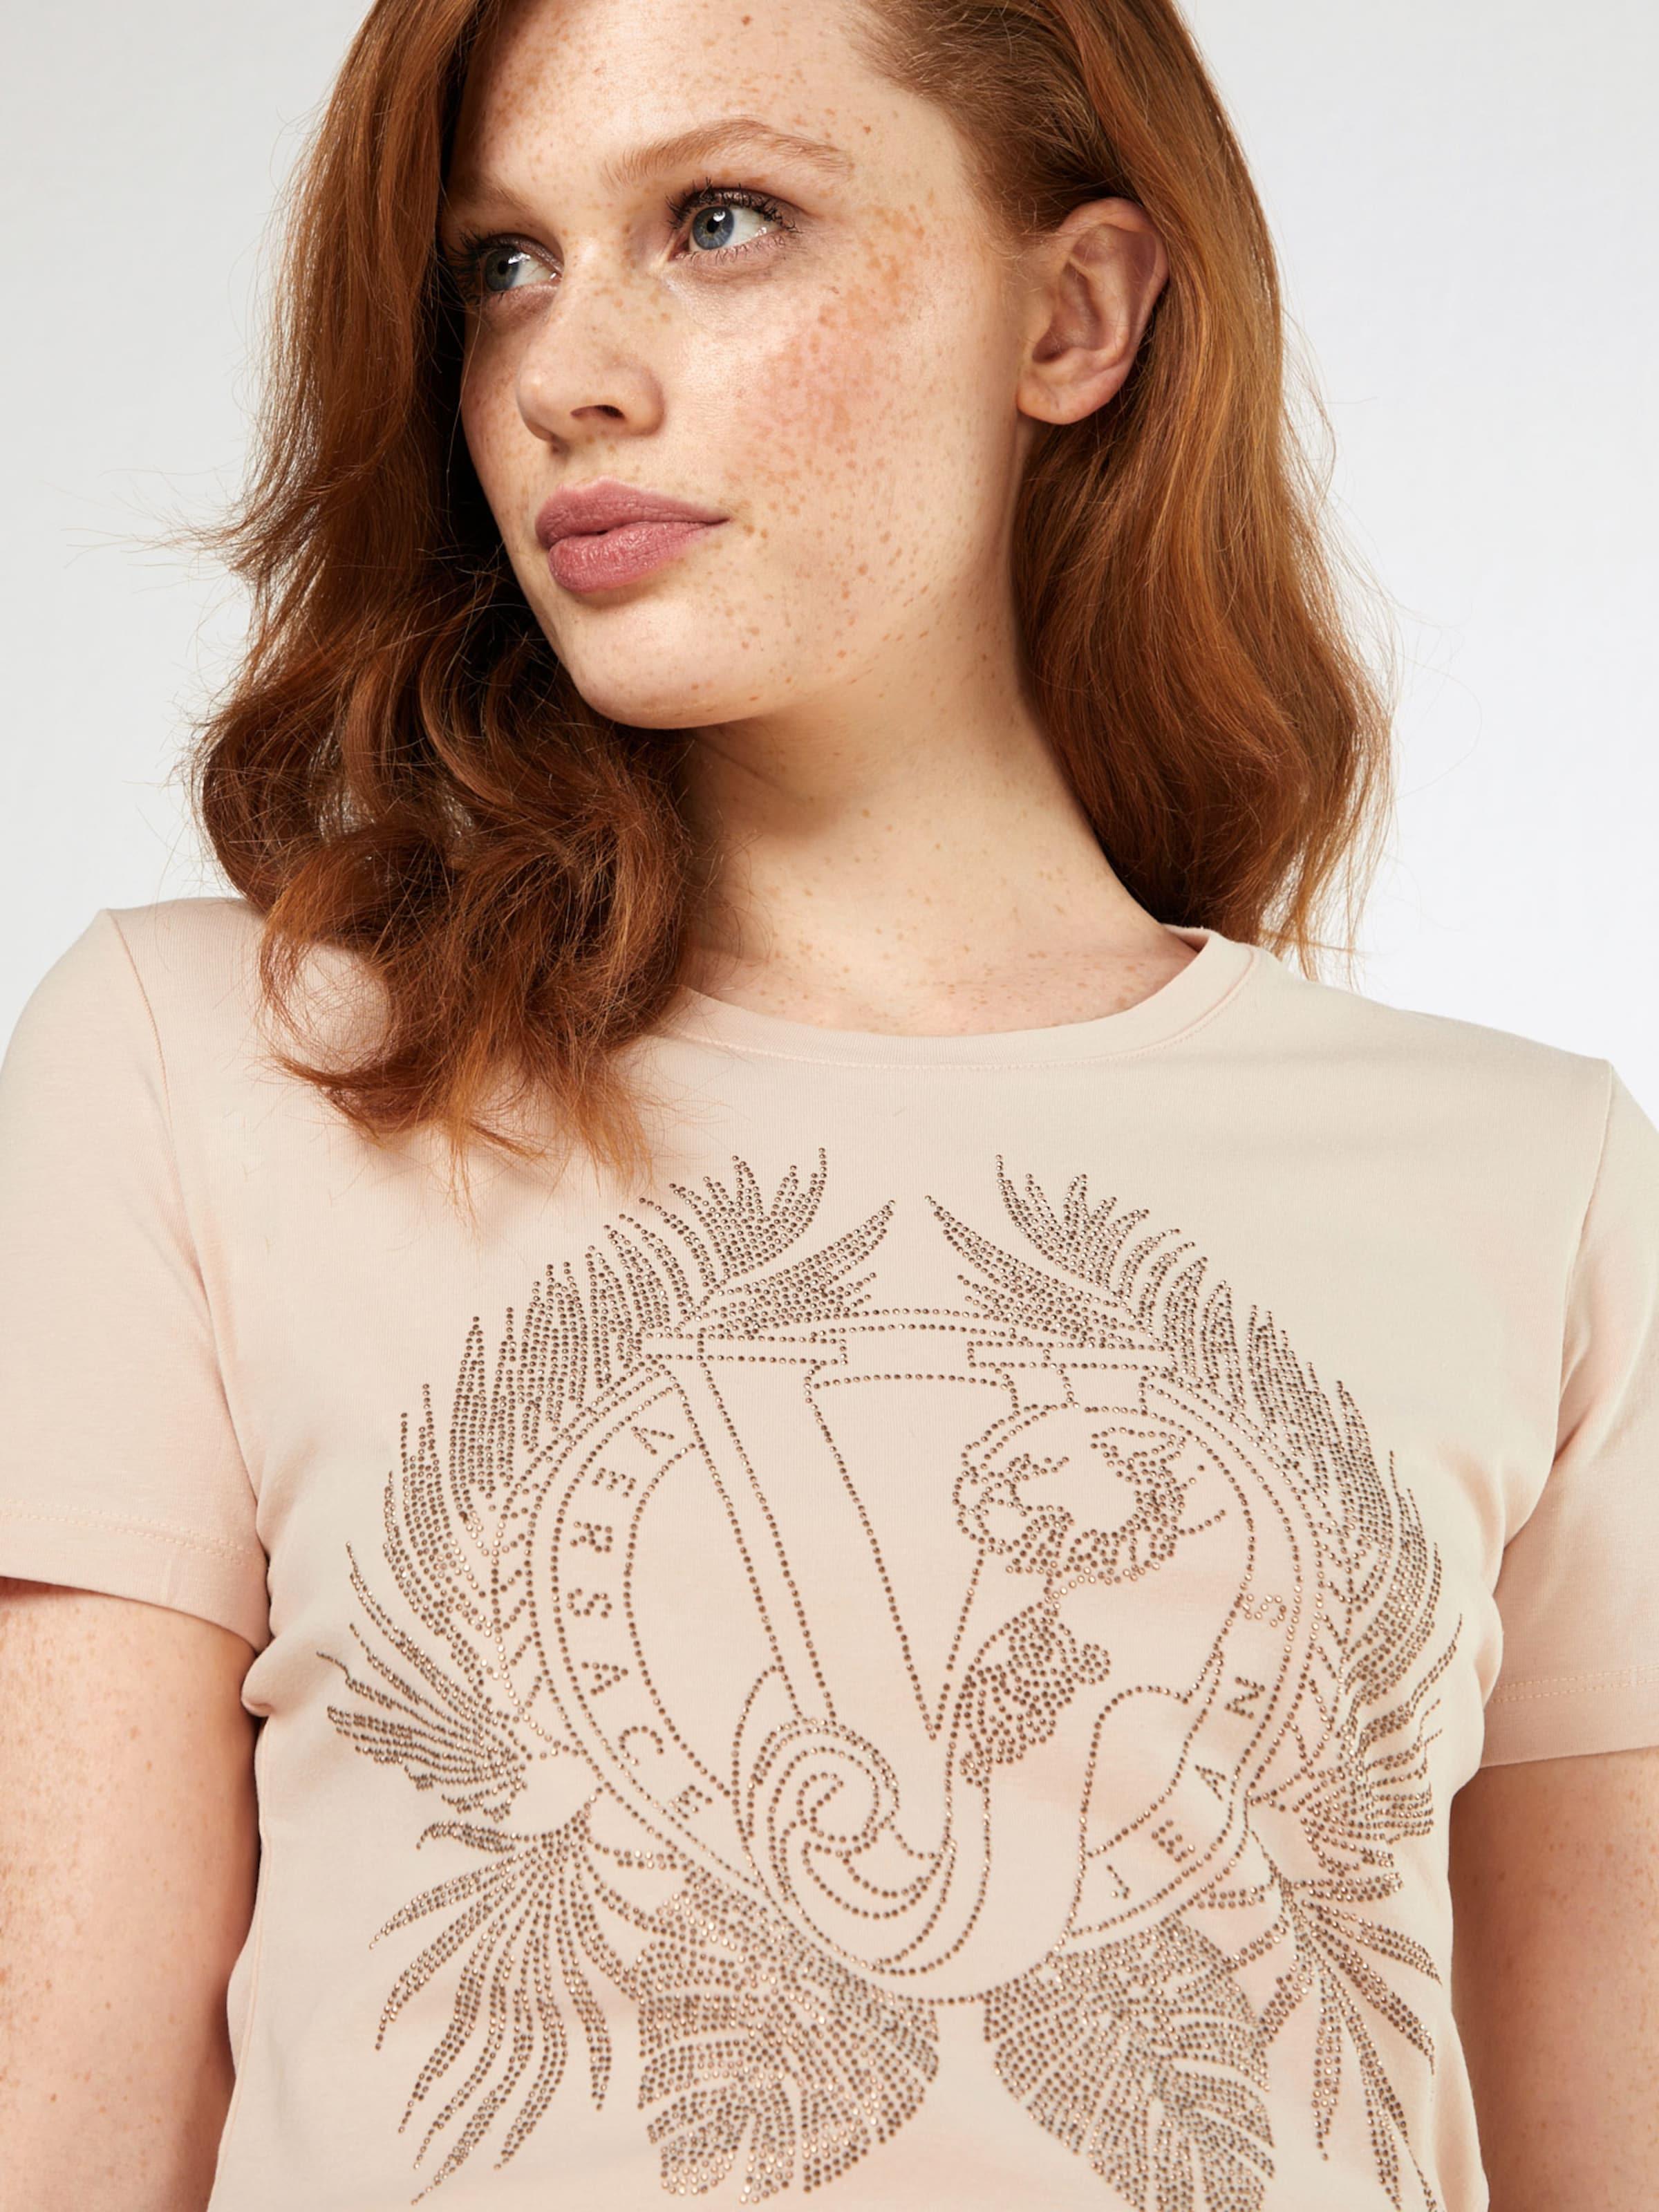 Billig Verkauf Footlocker Finish Verkauf Ausgezeichnet Versace Jeans T-Shirt 'RDM606 42' Geniue Händler Zum Verkauf Steckdose Vorbestellung F1x5YbaM